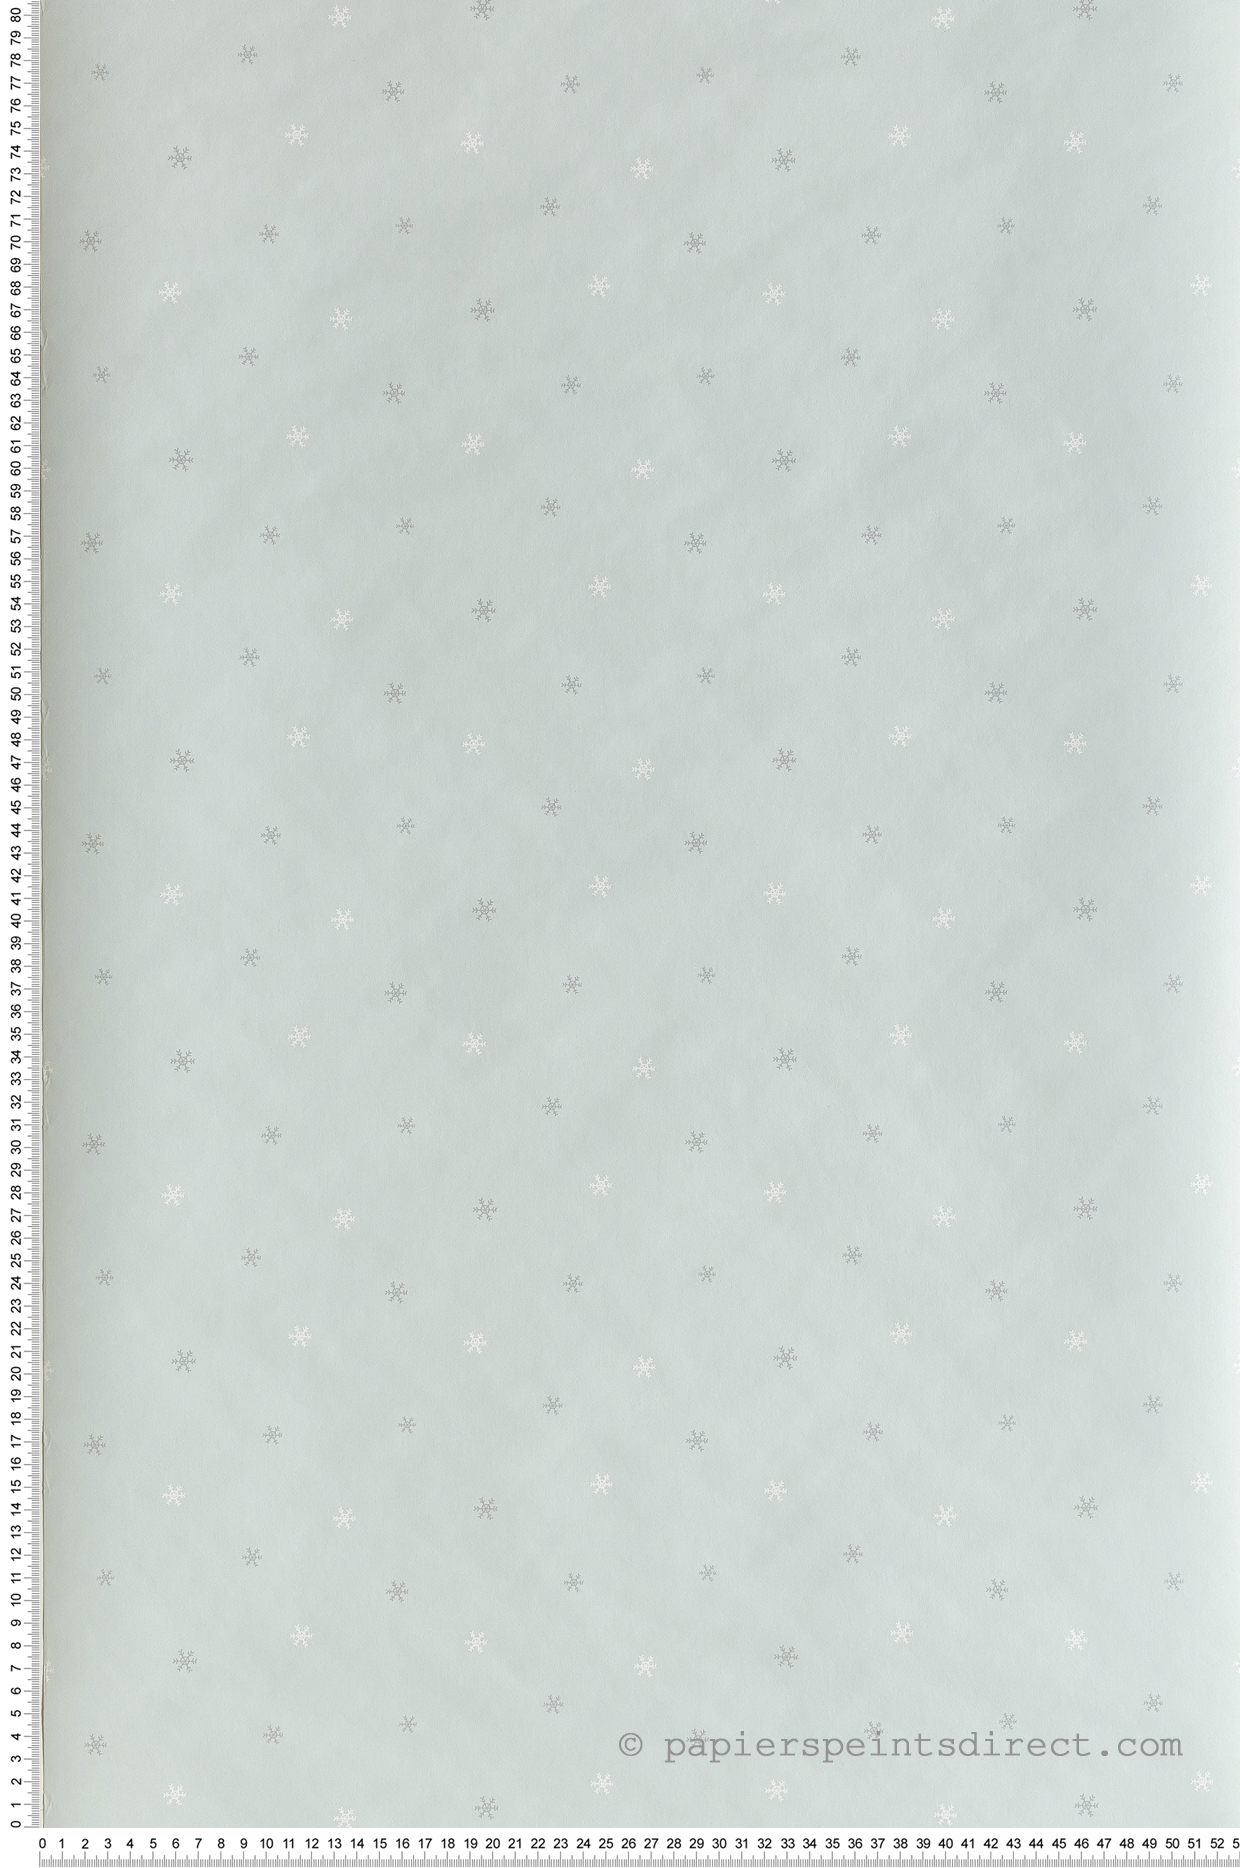 Papier peint enfant Flocons bleu - Happy Dreams de Casadéco   Réf. HPDM82836127